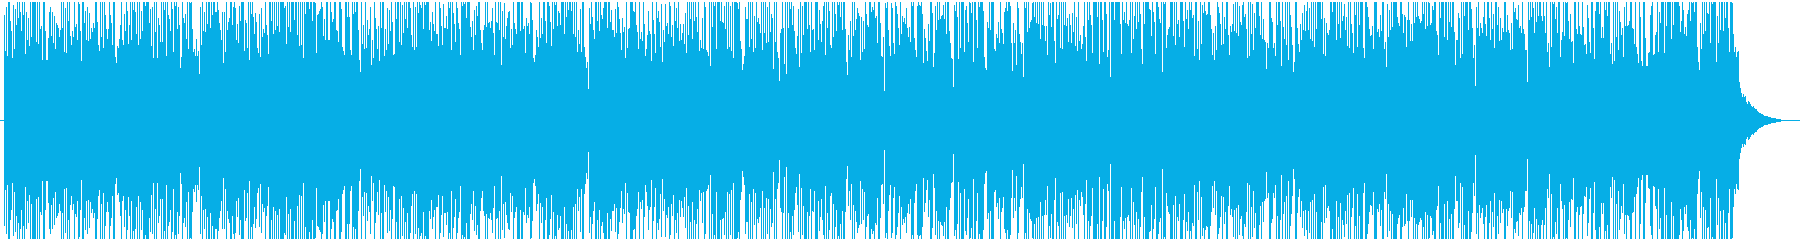 紹介映像に 爽やか軽快カントリーバラードの再生済みの波形